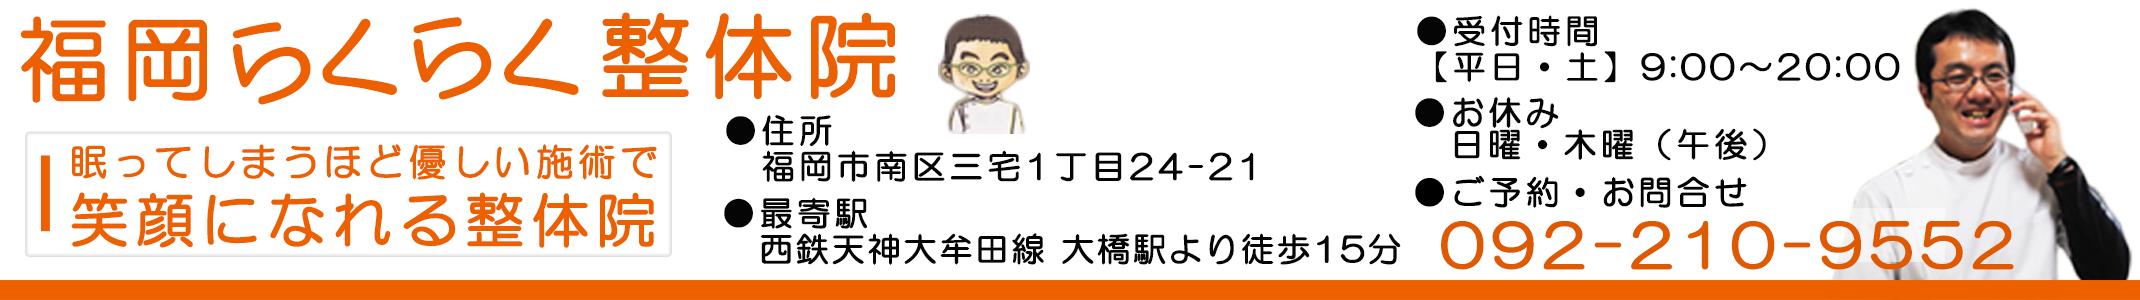 福岡市で整体なら慢性症状が得意な福岡市大橋の「福岡らくらく整体院」